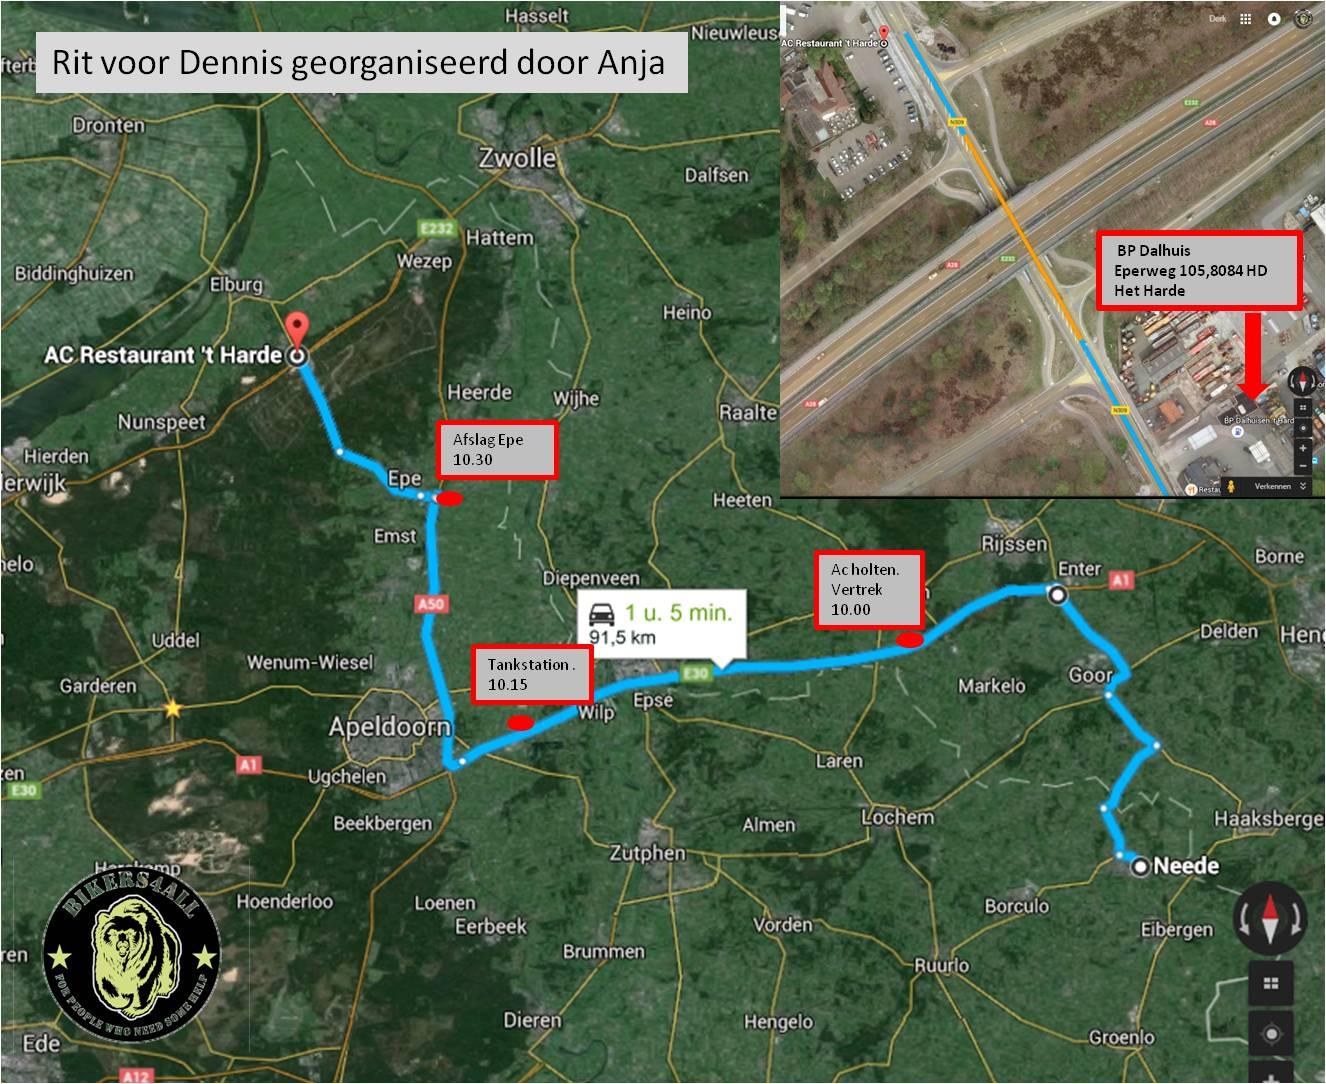 aanrij route Rit voor Dennis